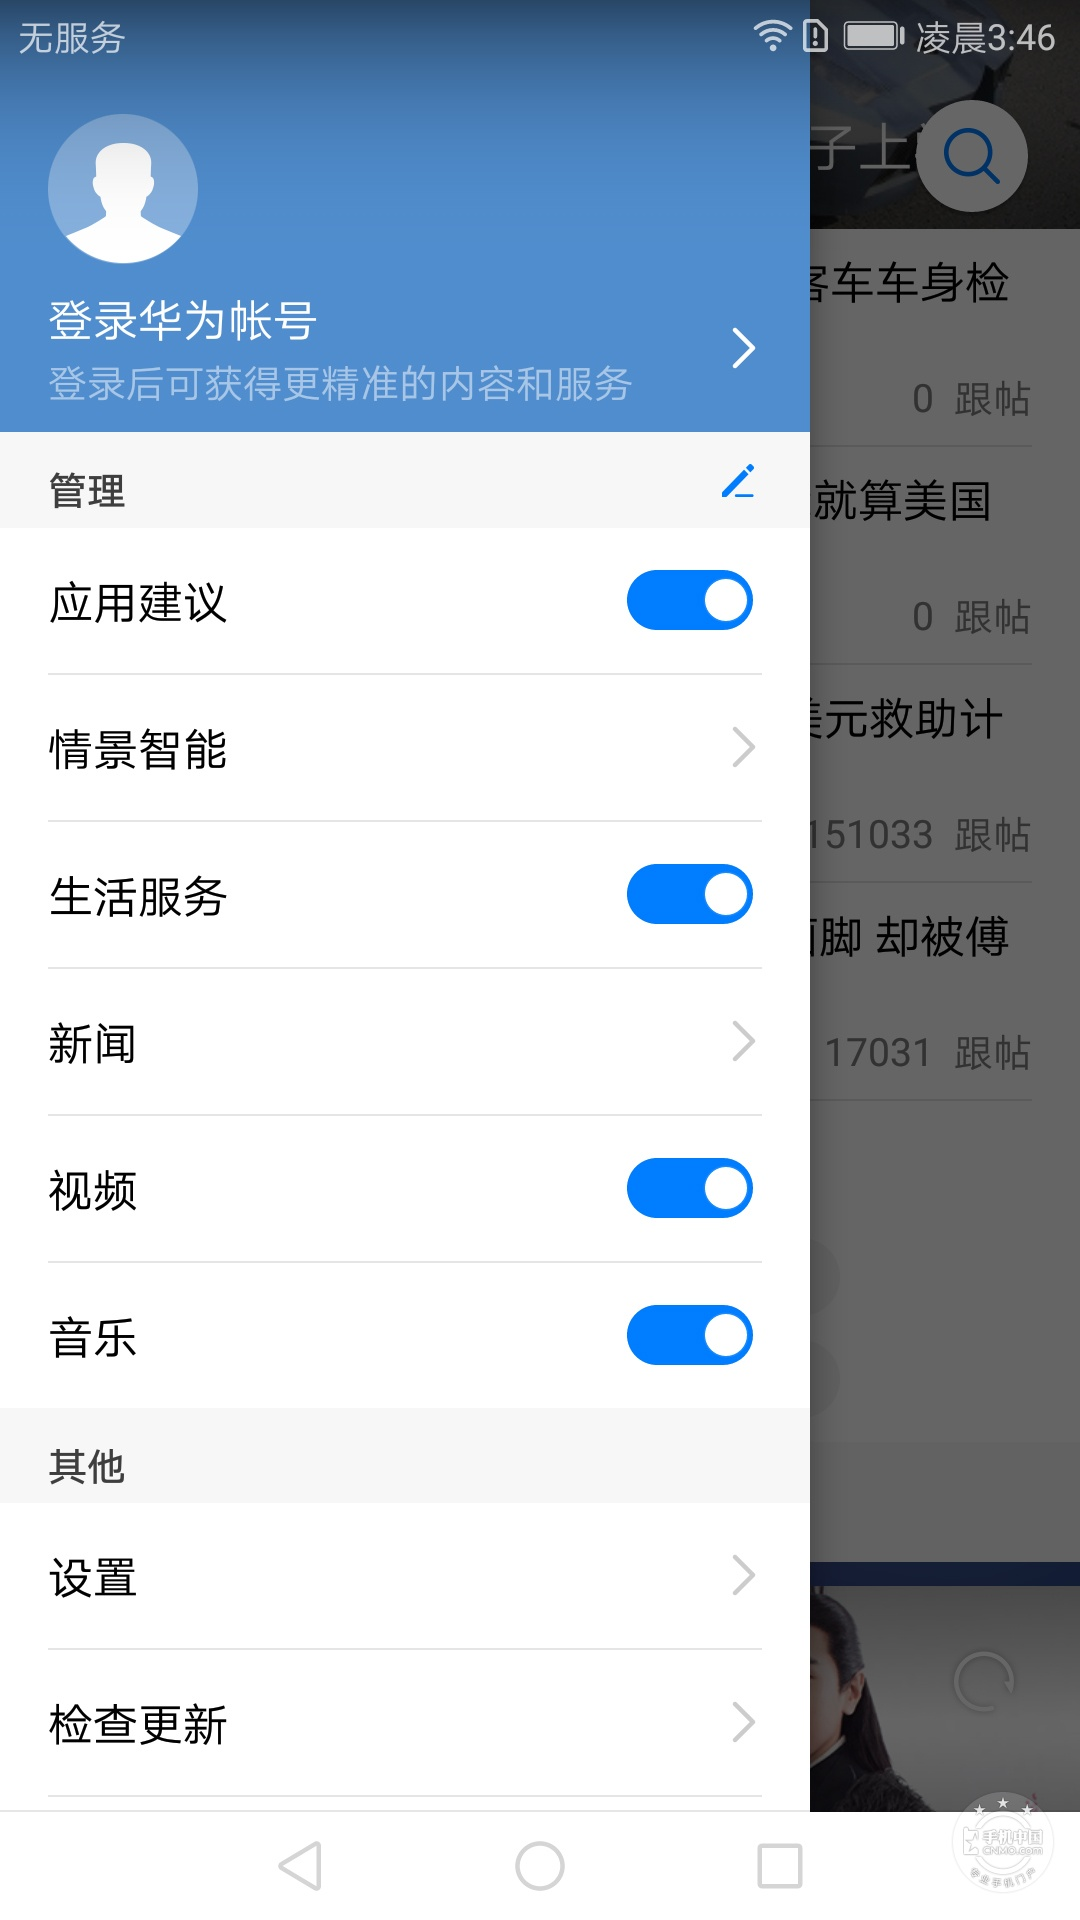 荣耀8青春版(尊享版)手机功能界面第4张